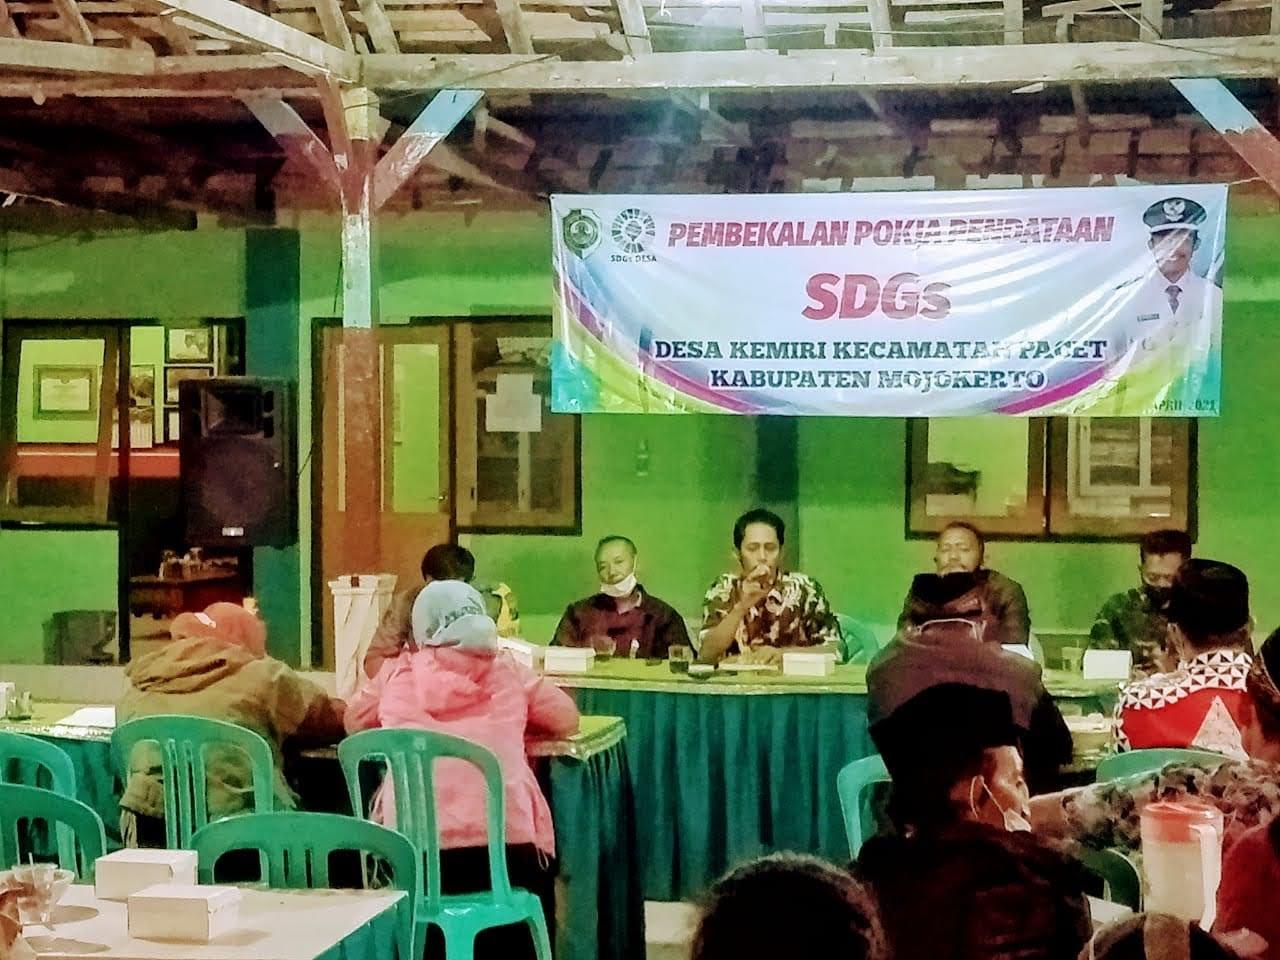 Pembekalan Pokja SDGs Desa Kemiri Pacet Kabupaten Mojokerto